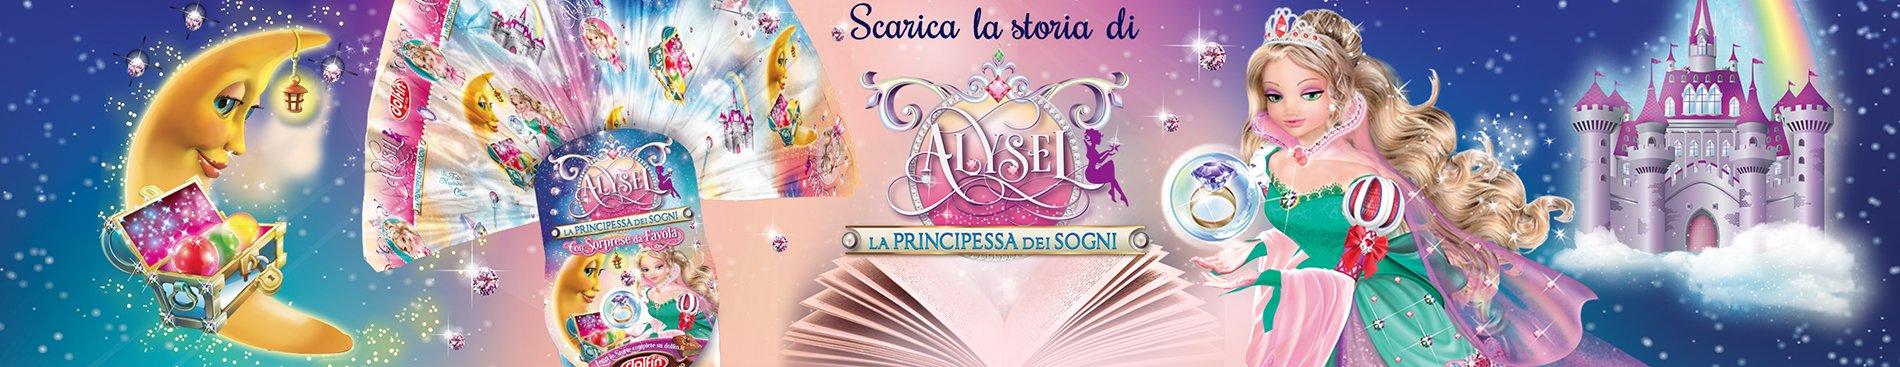 Scarica le storie di Alysel la Principessa dei Sogni